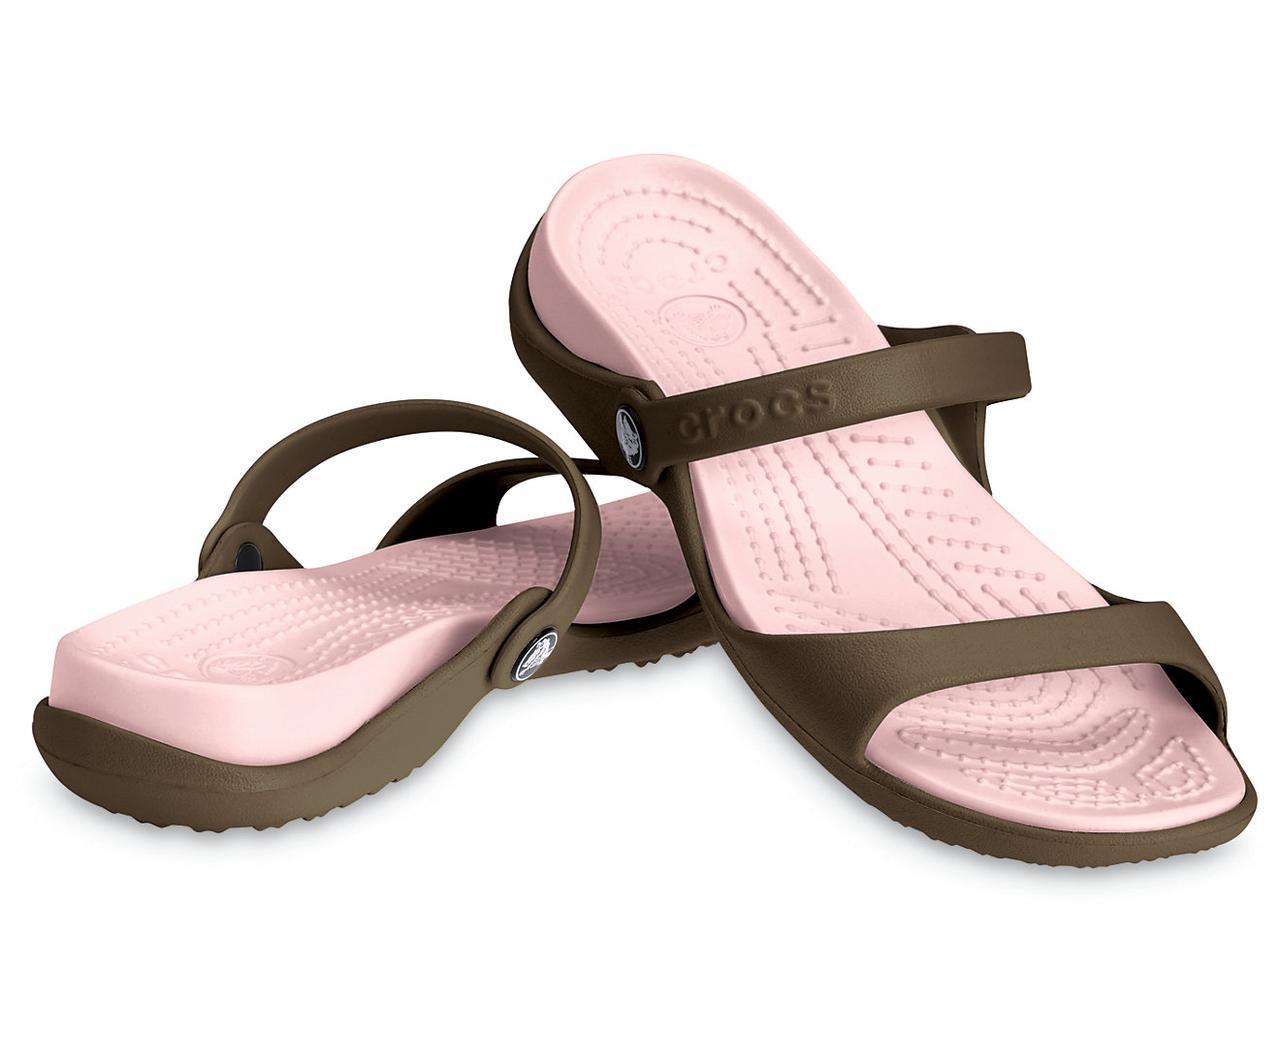 Шлепанцы женские Кроксы Клео сандалии оригинал / Crocs Women's Cleo Sandal